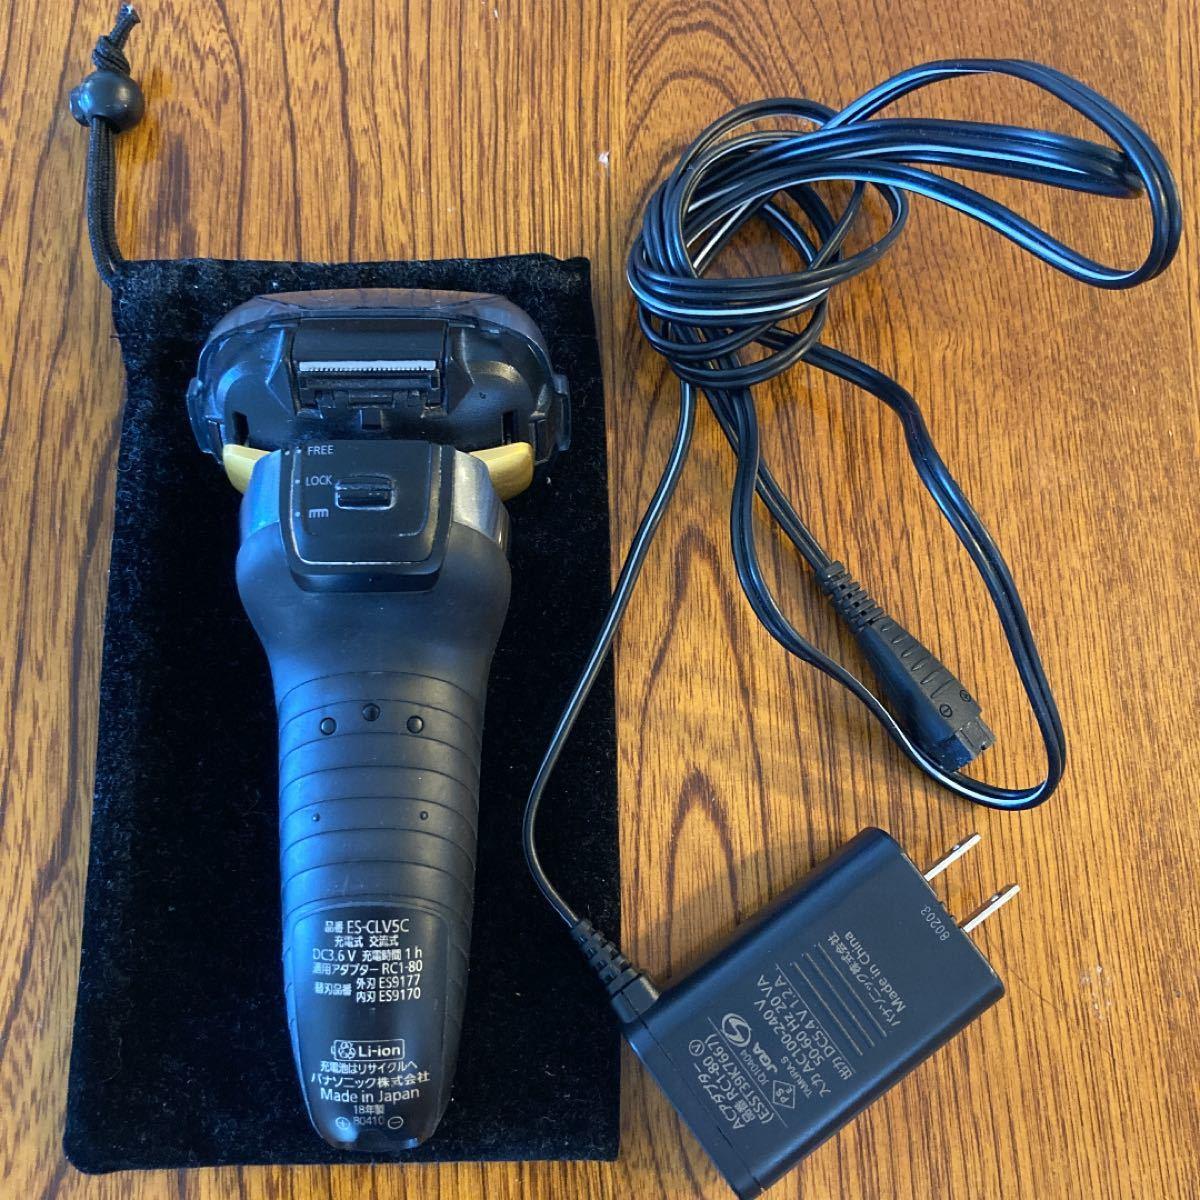 ラムダッシュ 5枚刃 ES-CLV5C パナソニック Panasonic メンズシェーバー パナソニック電気シェーバー